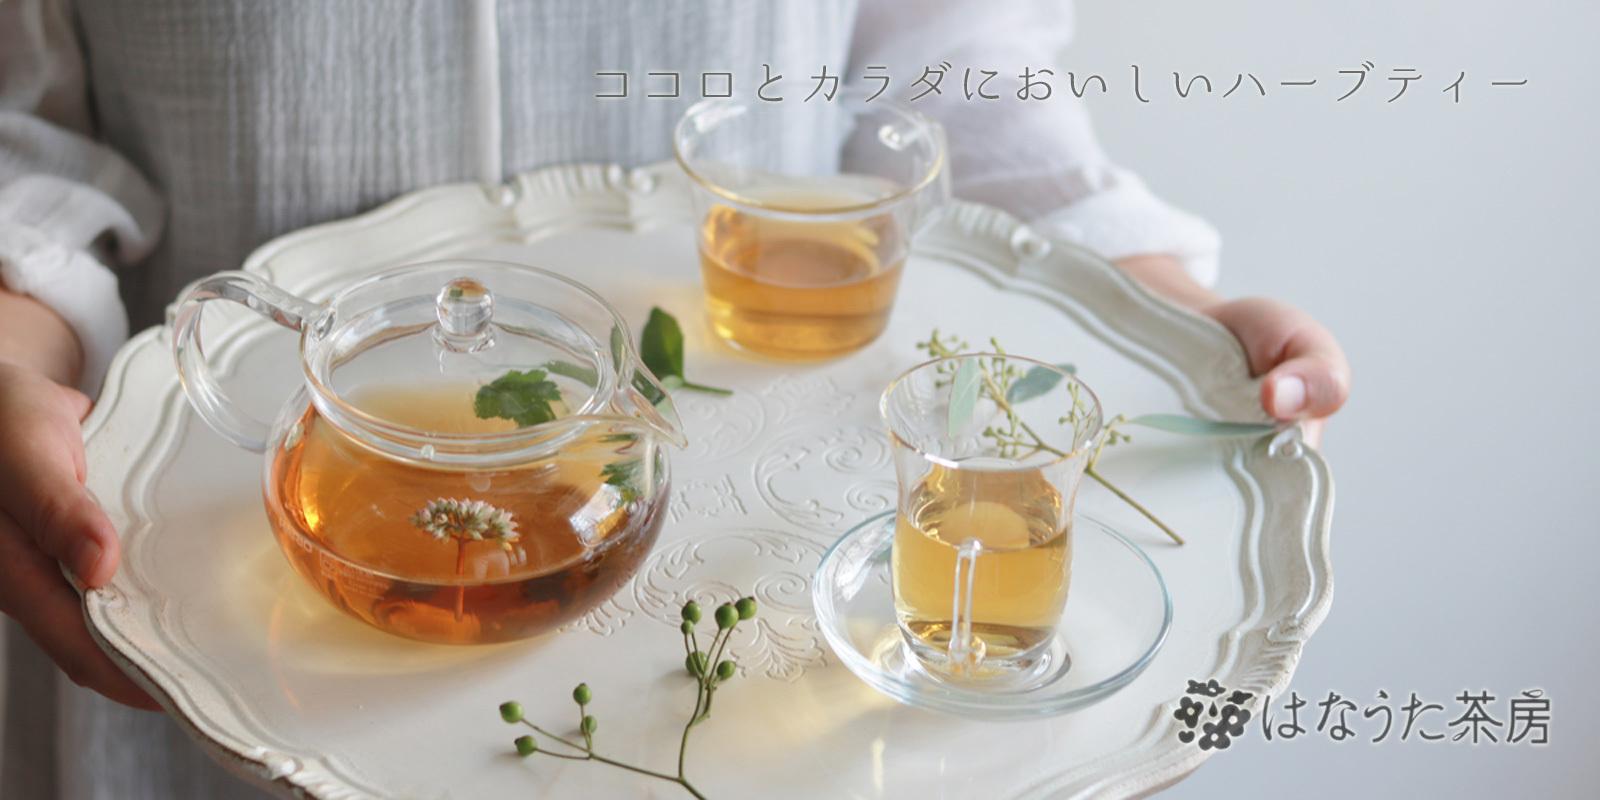 【はなうた茶房】ココロとカラダのしあわせハーブティー紹介画像1